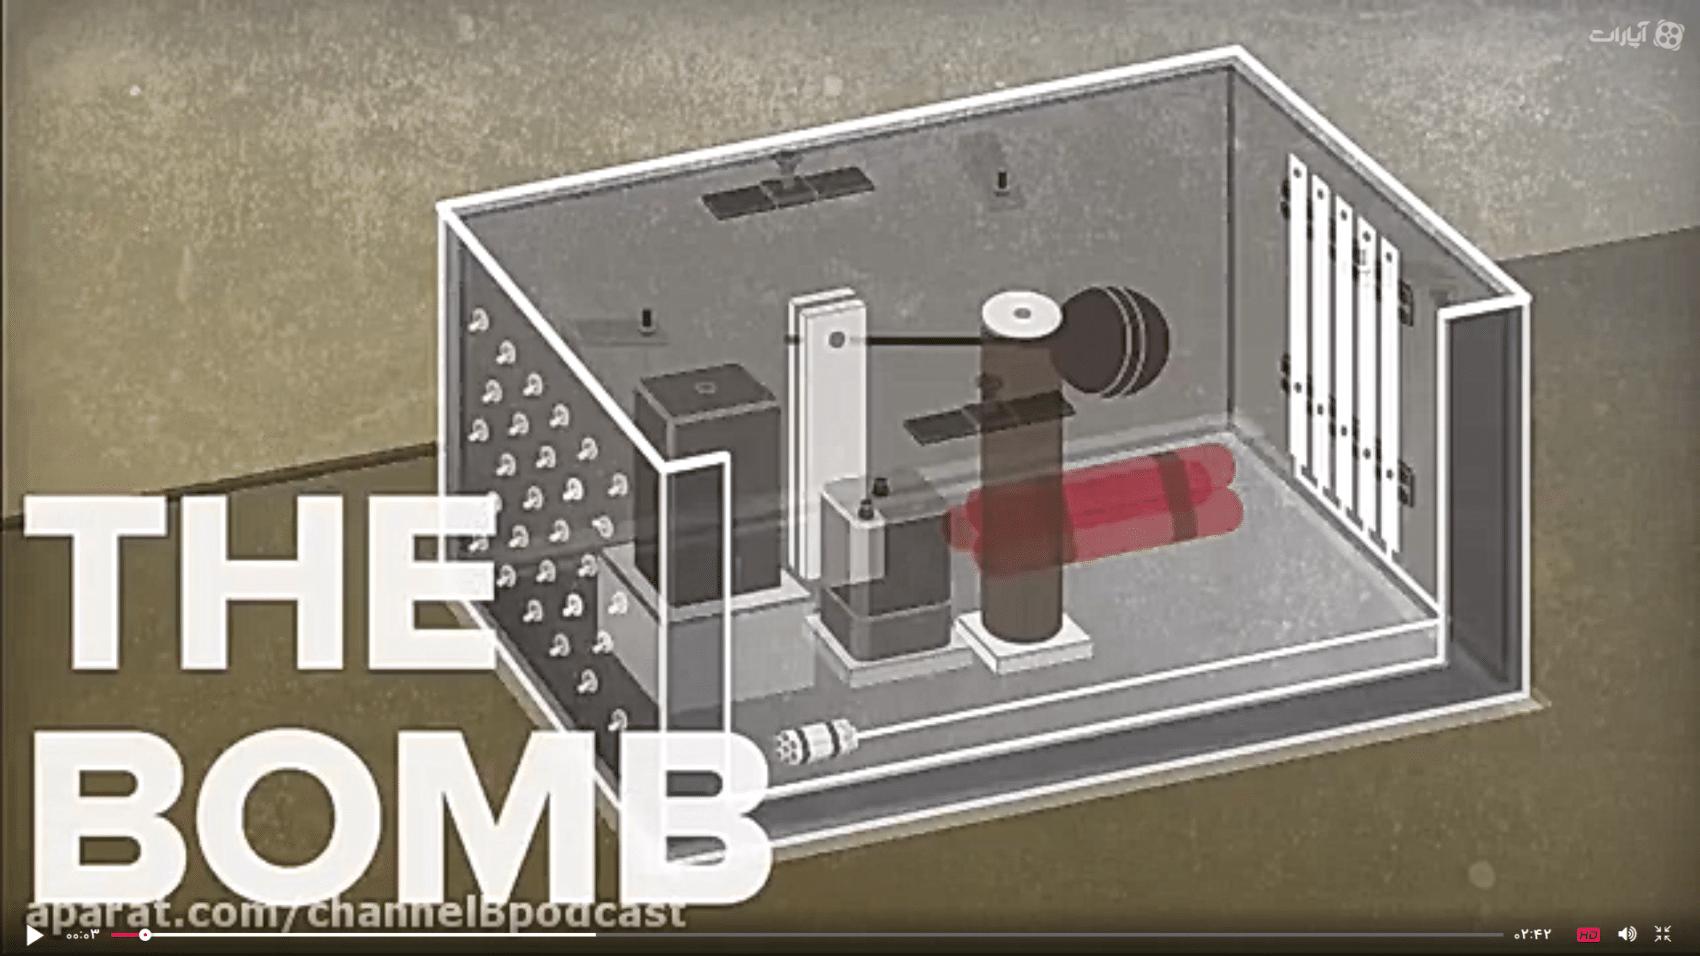 بمب بیگ جان چهطور کار میکرد؟زمان تقریبی مطالعه: ۱ دقیقه